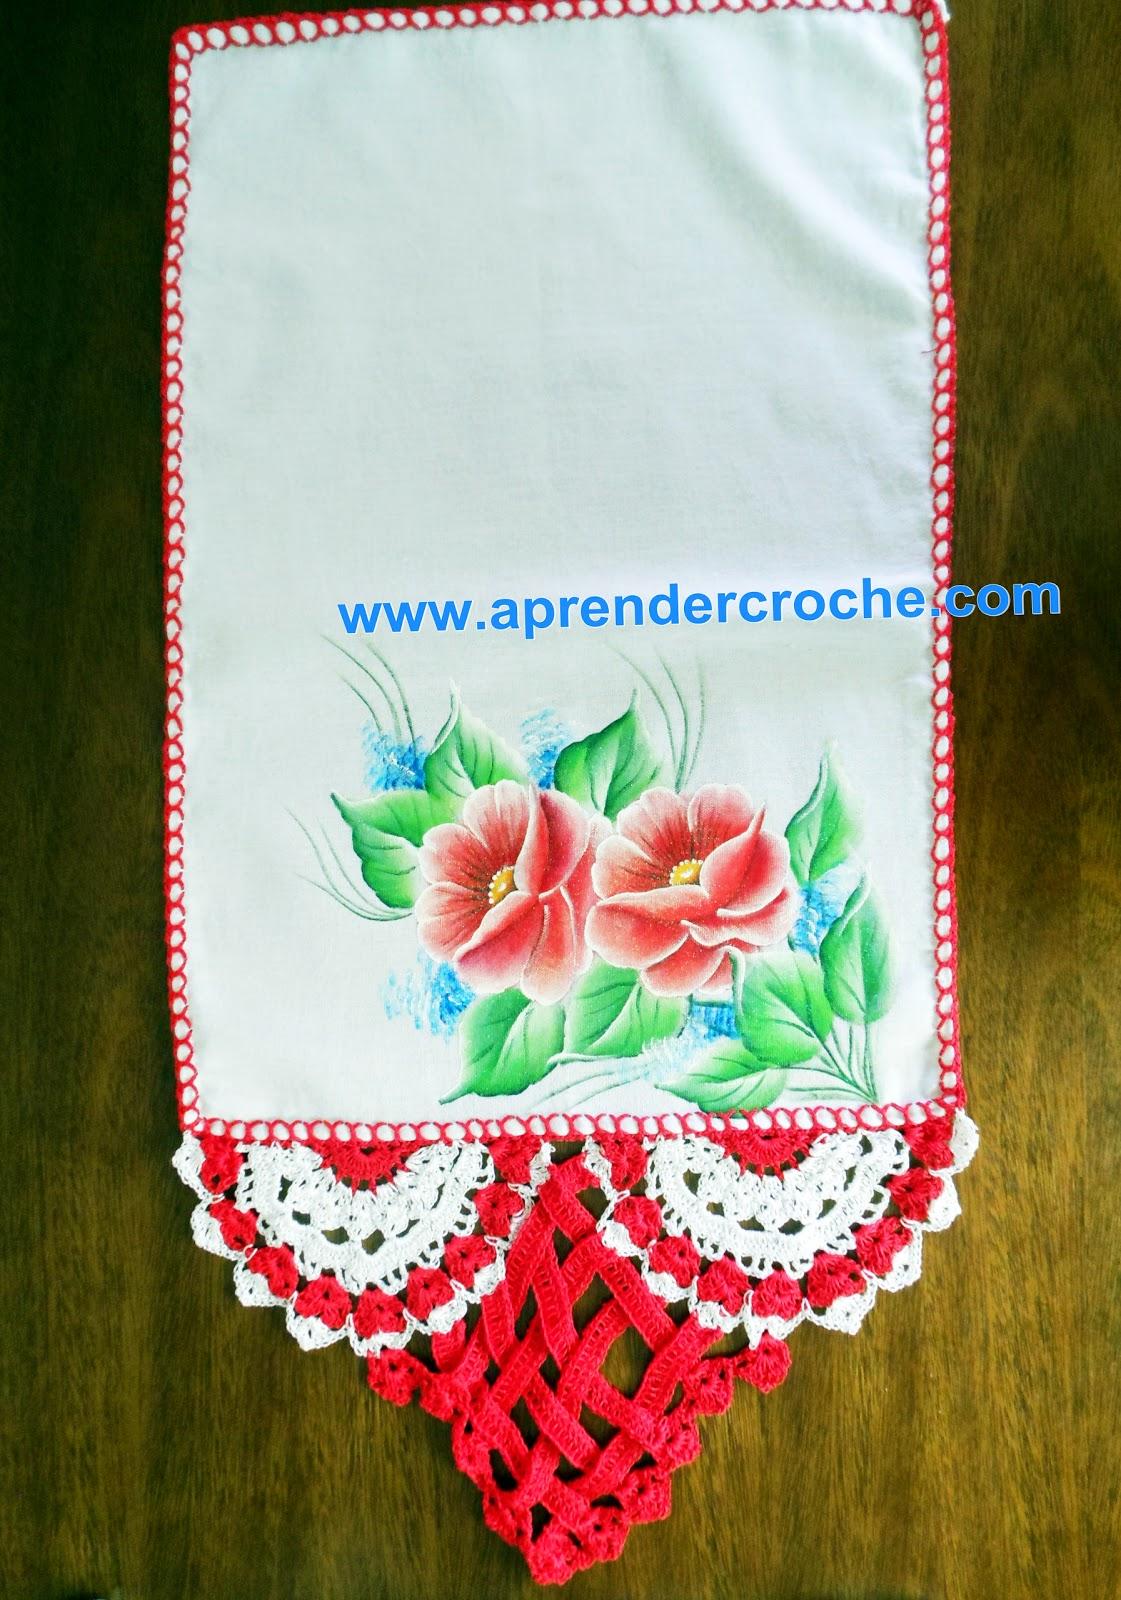 barrados entrelaçados branco vermelho aprender croche dvd edinir-croche panos de copa cozinha loja frete gratis